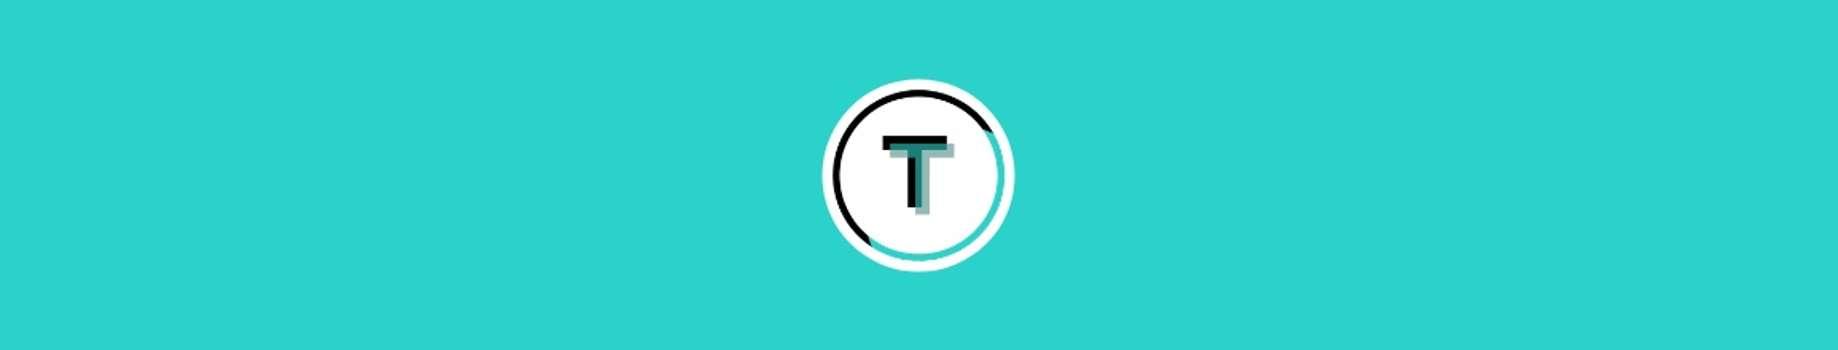 TimTek